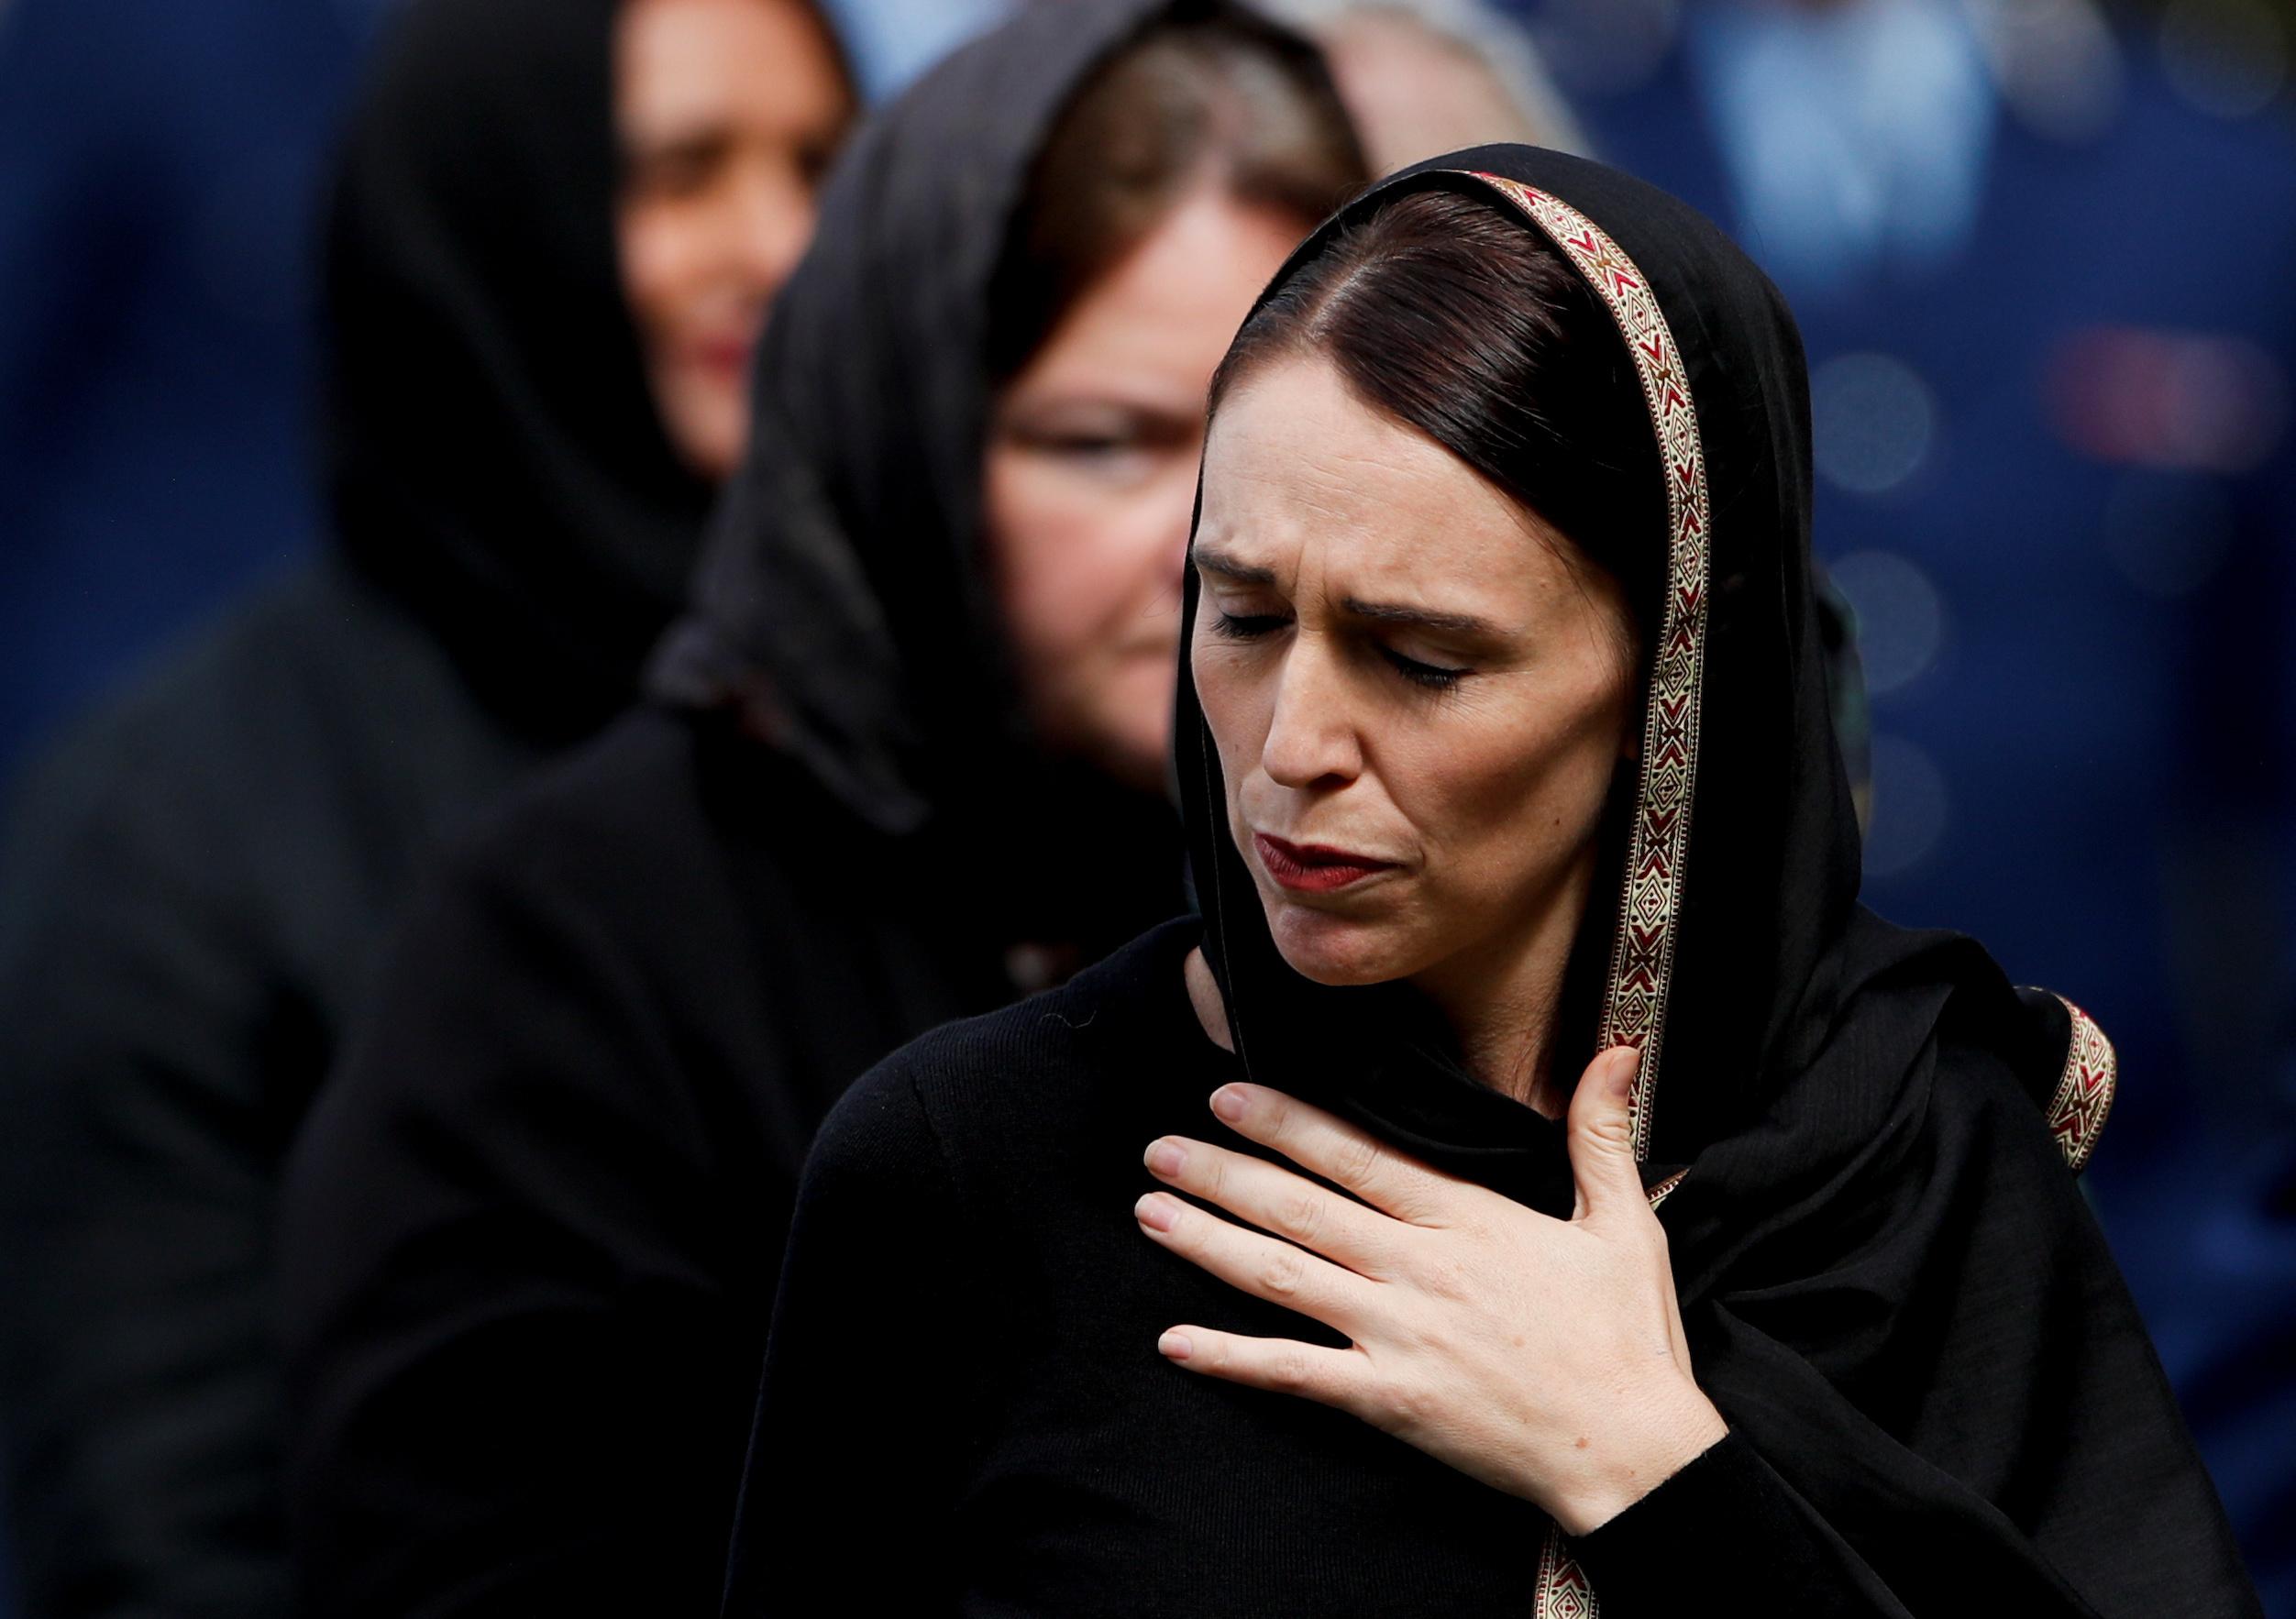 رئيسة وزراء نيوزيلندا تشارك فى أول صلاة جمعة بمسجد النور (2)